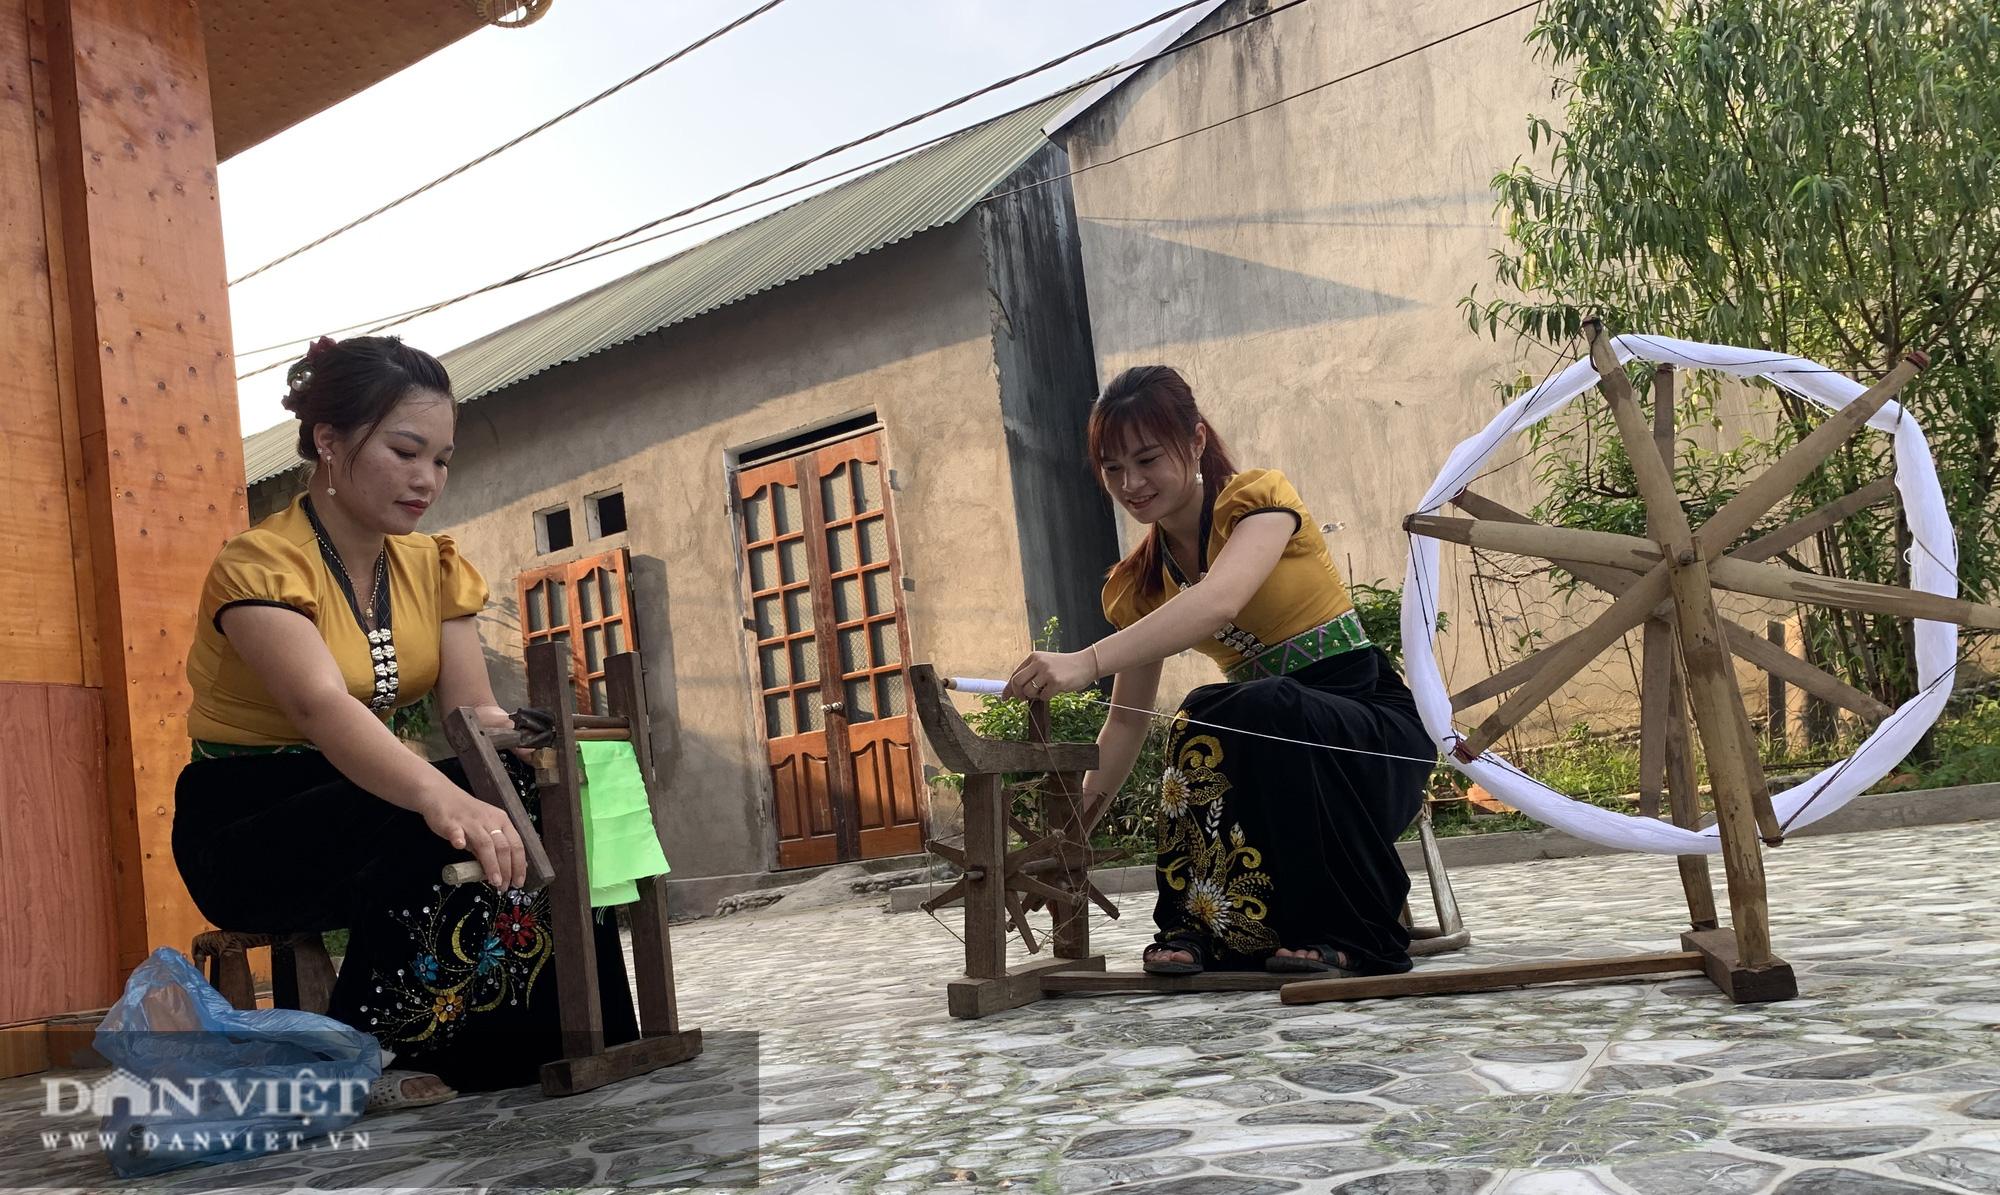 Lai Châu: Quan tâm bảo tồn và tôn vinh văn hóa dân tộc Thái - Ảnh 5.